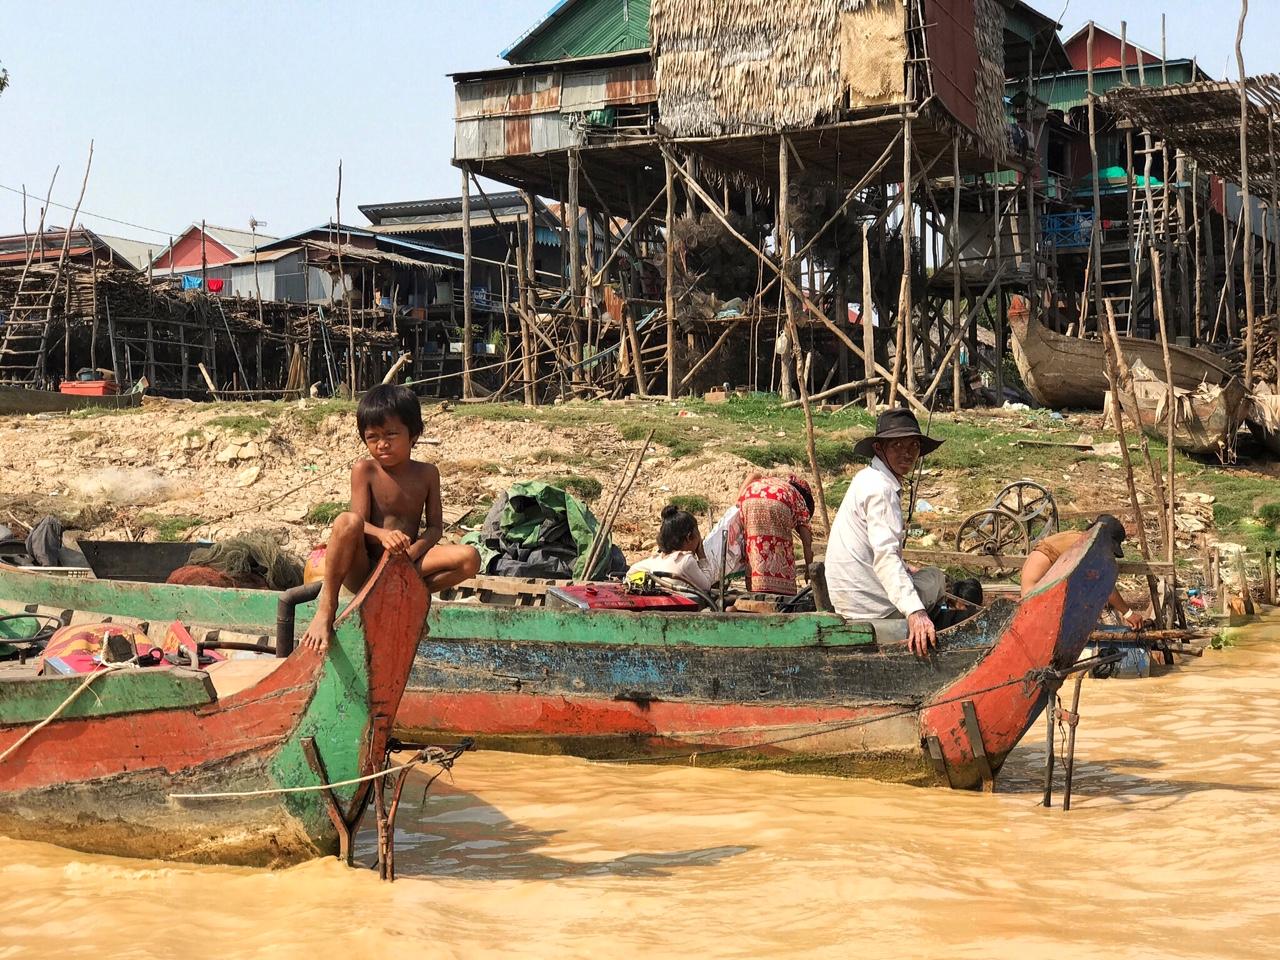 On Tonle Sap Lake